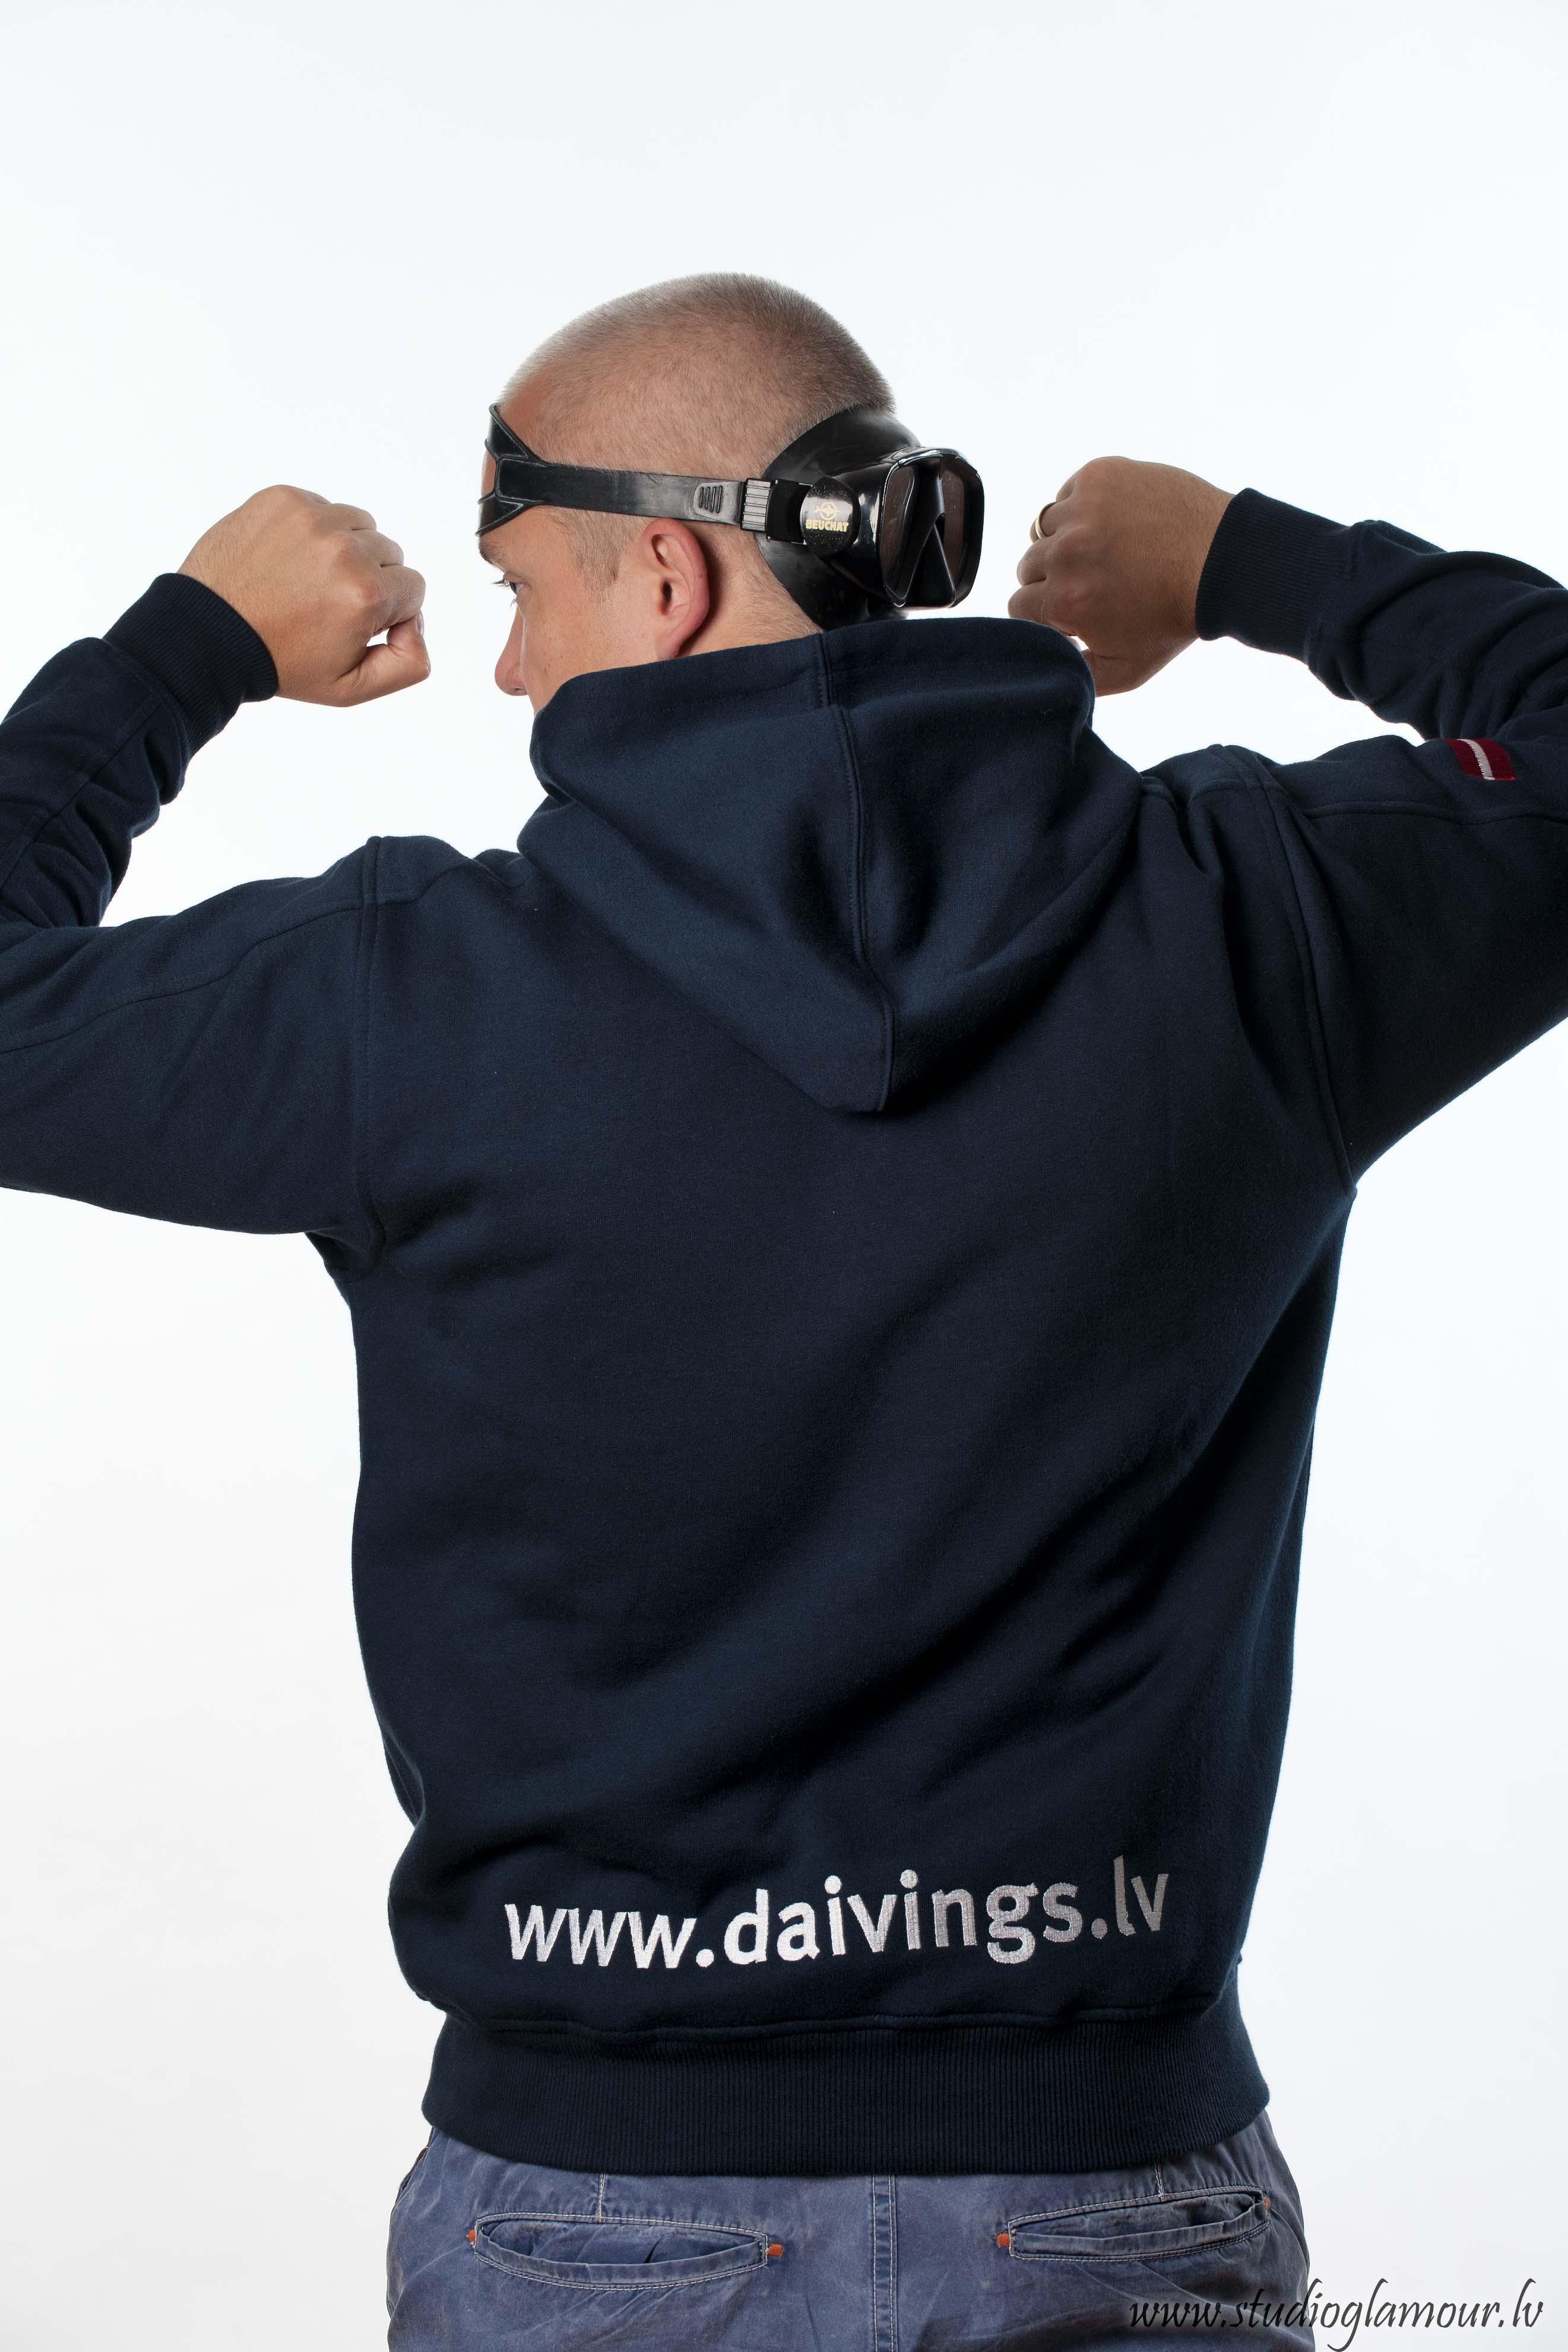 Daivings.lv sporta aktīvists ar niršanas masku